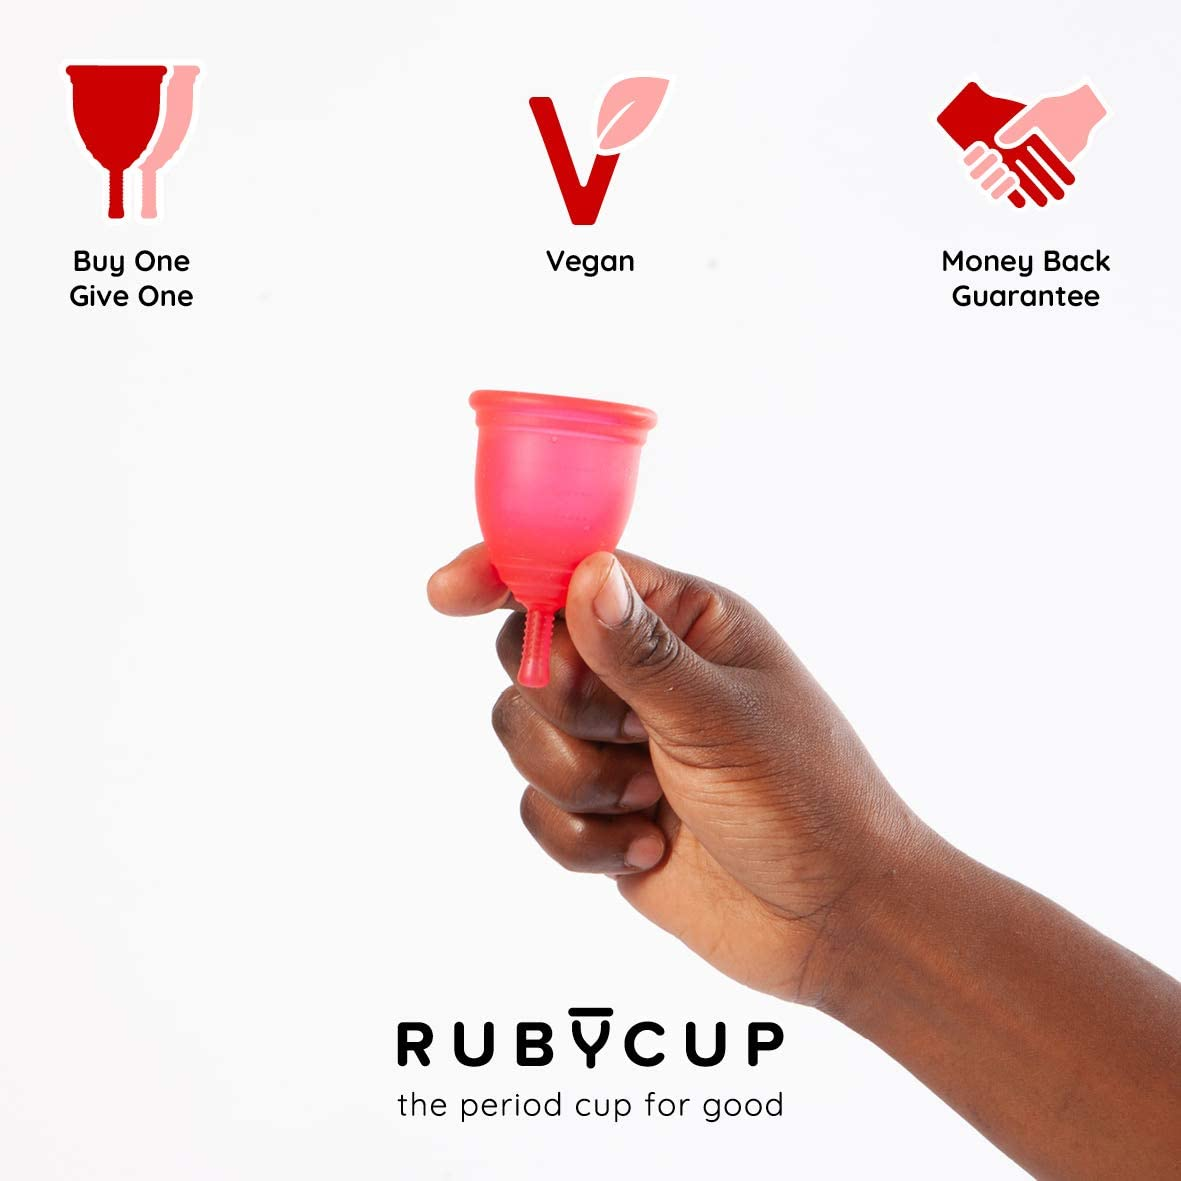 Ruby Cup - Copa menstrual hipoalergenica- talla S (pequeña, flujo ligero) – ROJA – Incluye donación de copa. Perfecta para principiantes. Una ...